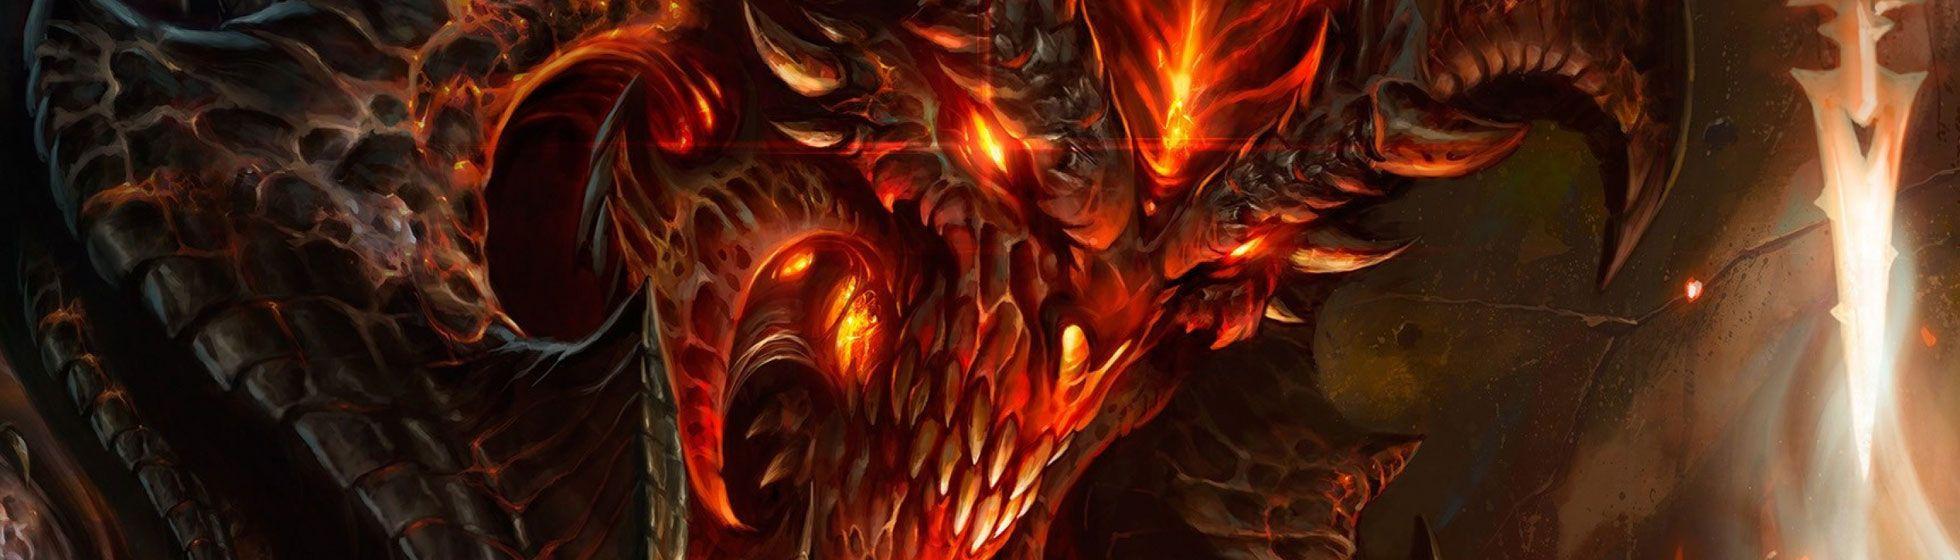 Diablo 3: requisitos mínimos e recomendados para jogar no PC